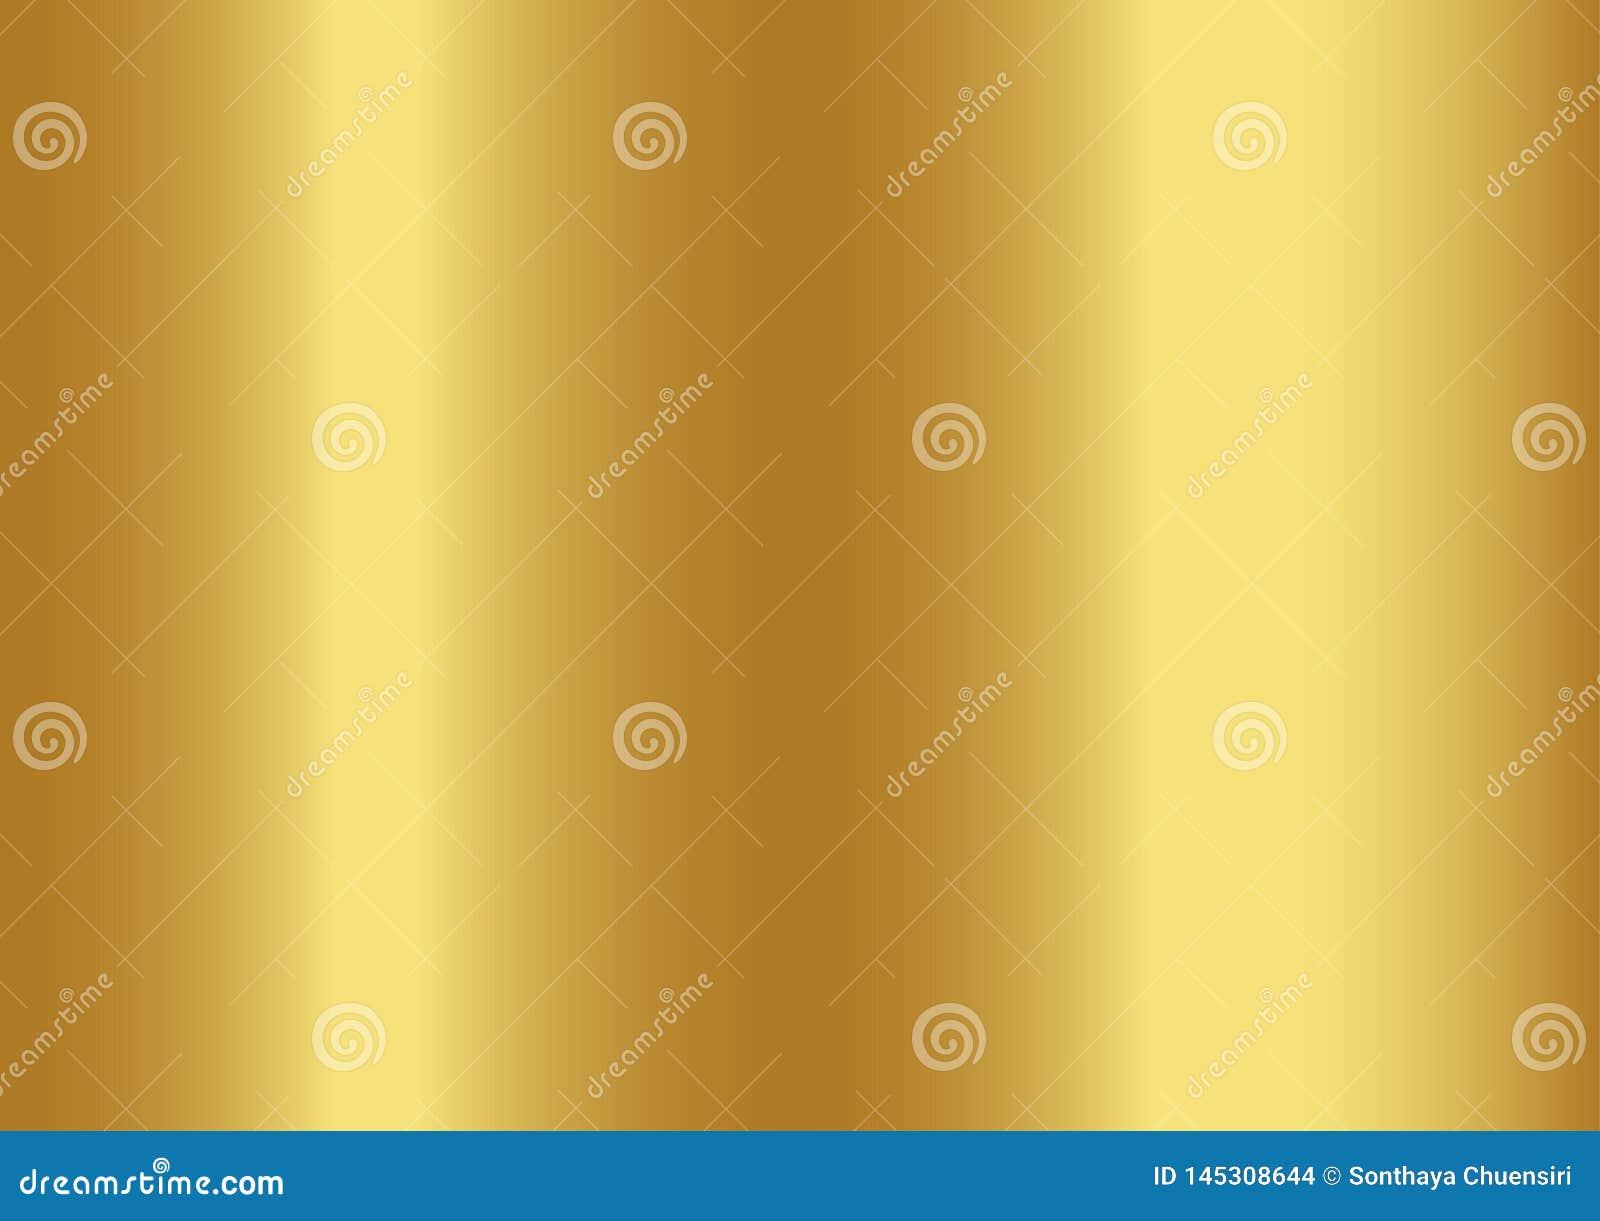 Χρυσό αφηρημένο υπόβαθρο χρώματος, διανυσματικές απεικονίσεις